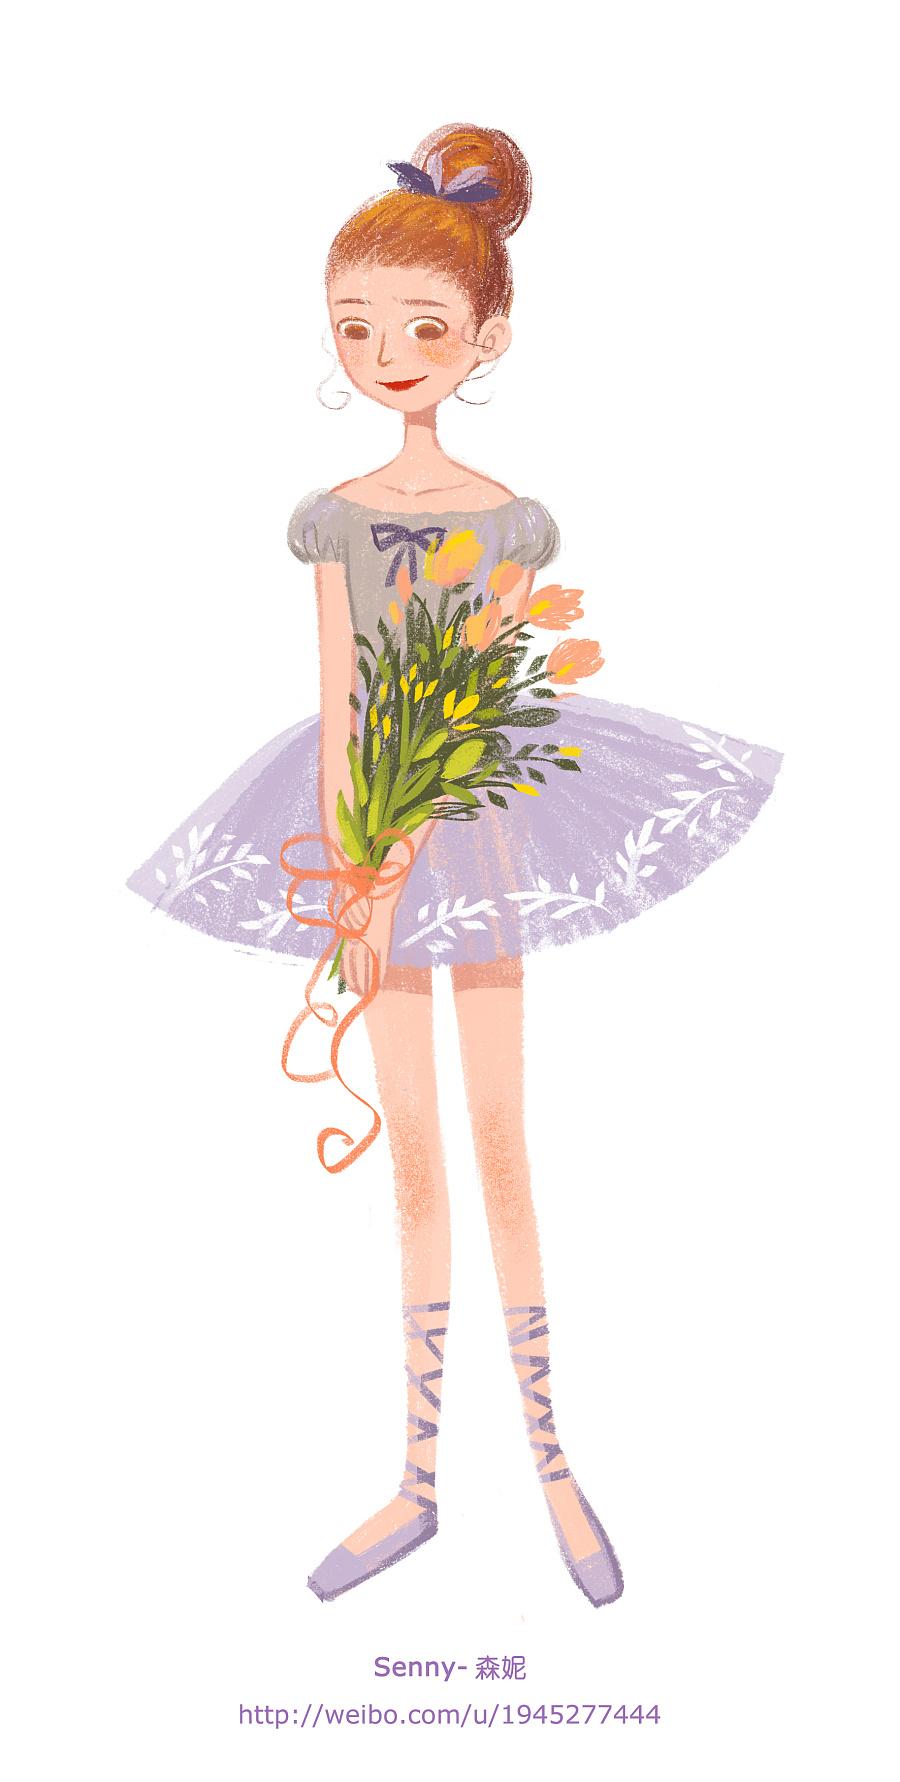 芭蕾女孩 绘画习作 插画 senny森妮